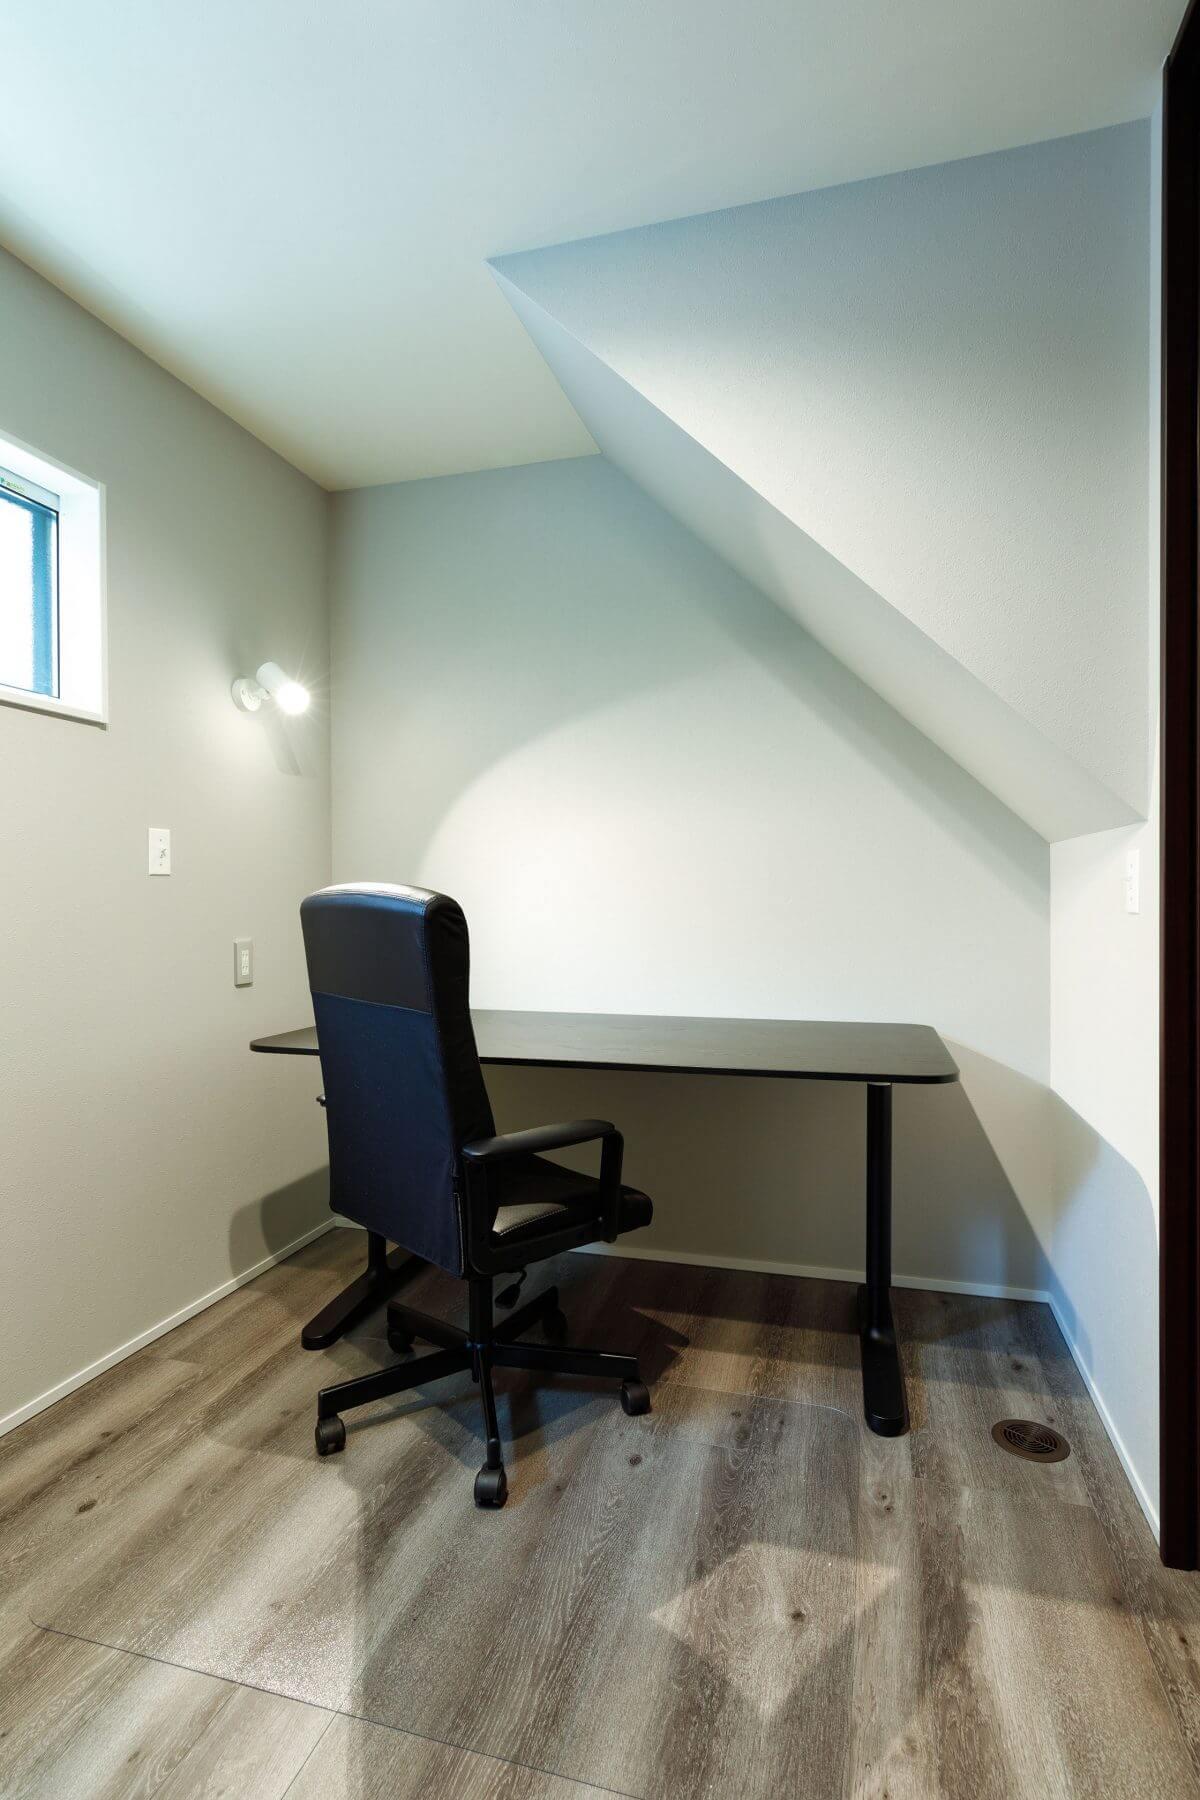 1階に設けたNさんの書斎。日常的に使っている場所ではないため、書斎の他、ゲストルームも兼ねるなど、効率の良いフレキシブルな活用スタイルに。N邸のように空間に余裕があれば、1つあると便利な部屋です。